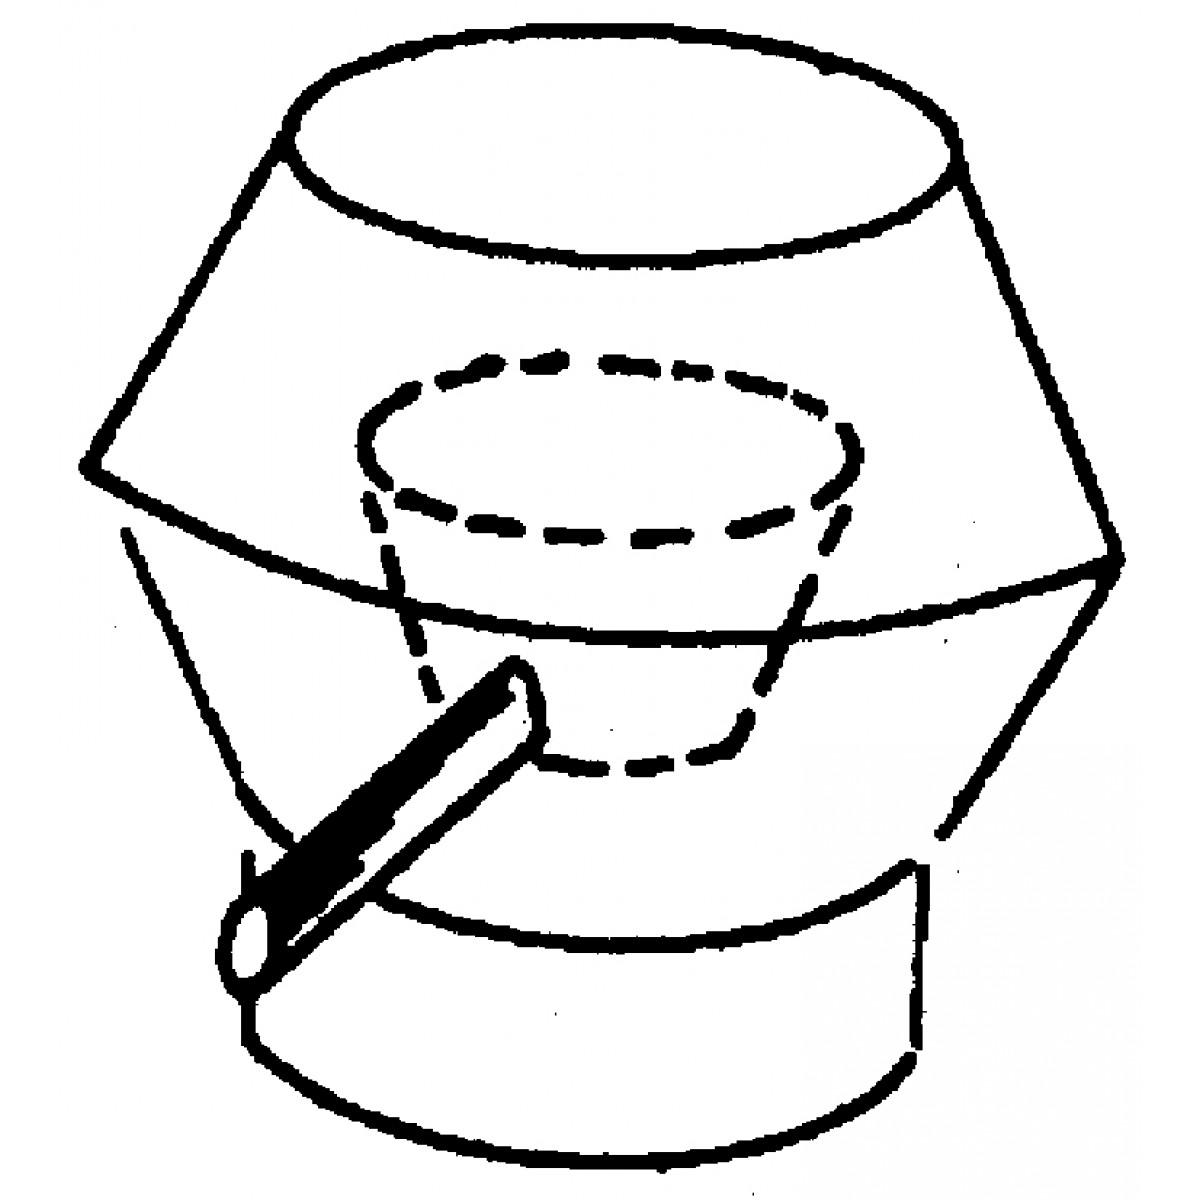 Deflektorskrm-33